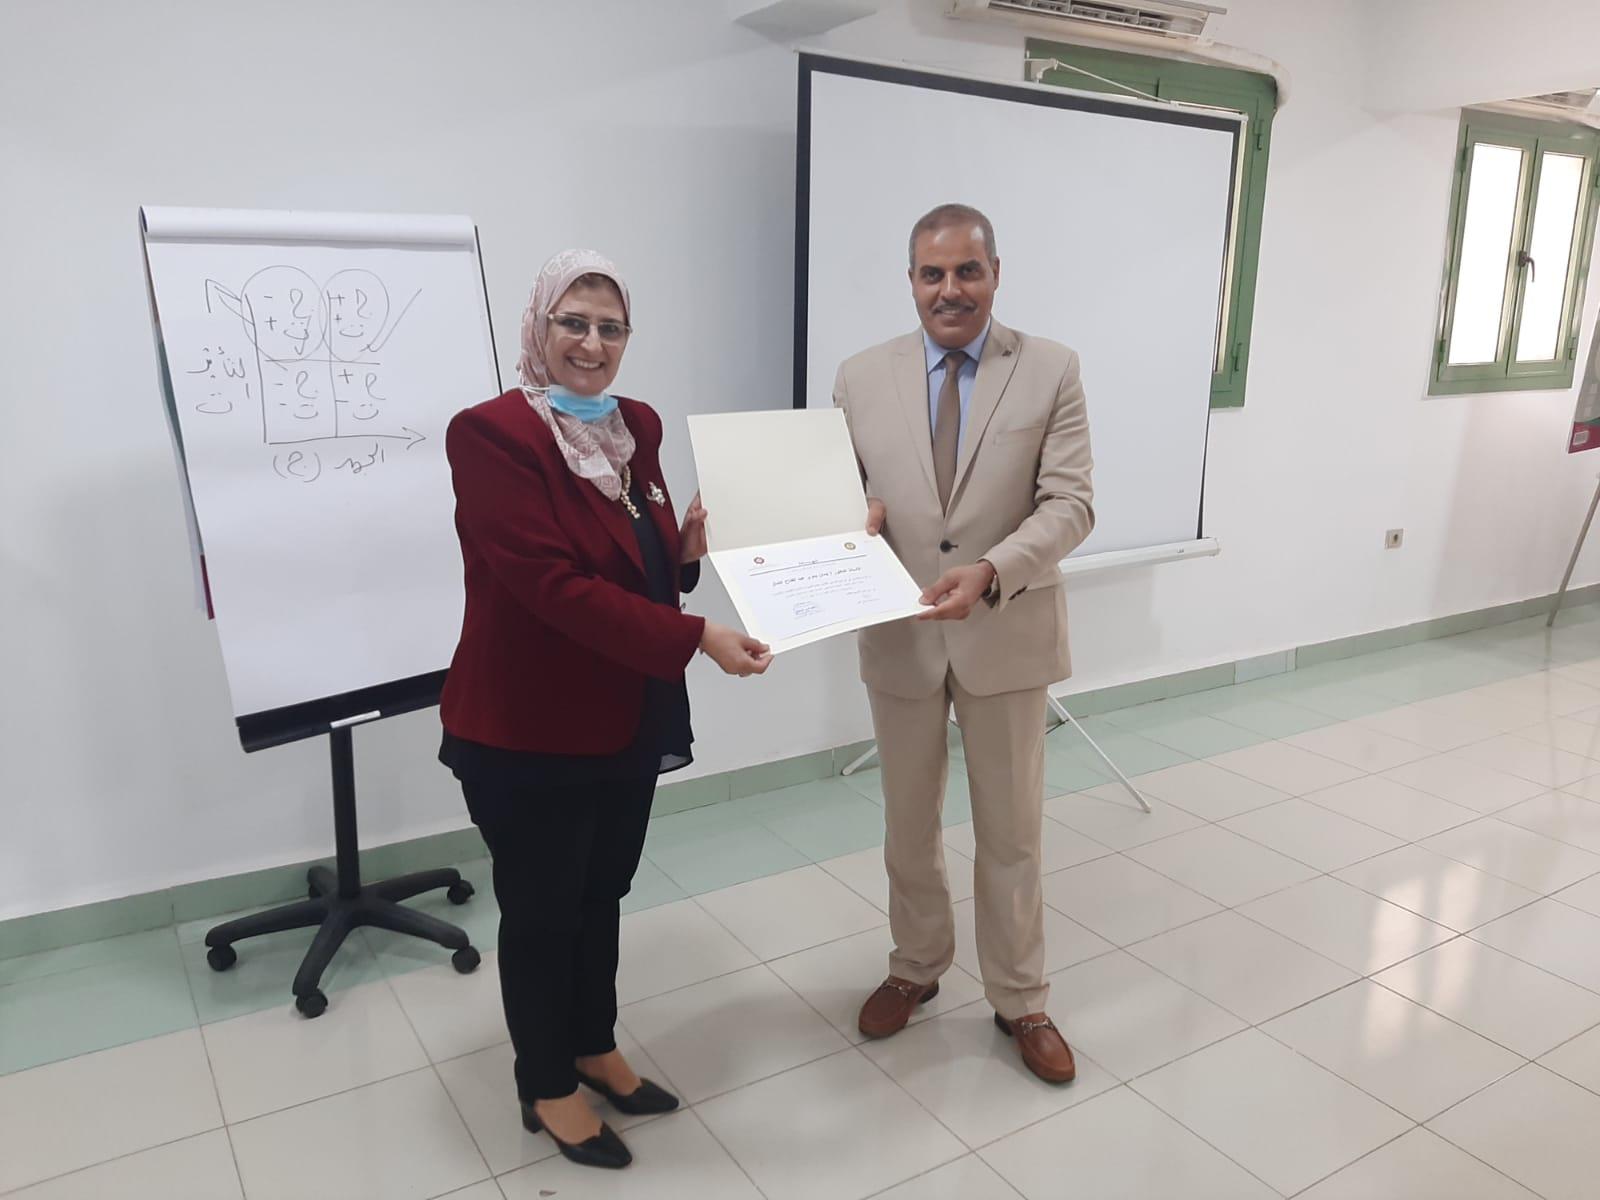 رئيس جامعة الأزهر يشهد تخريج الدورة التدريبية السابعة من قيادات المستقبل بمركز التدريب والتطوير